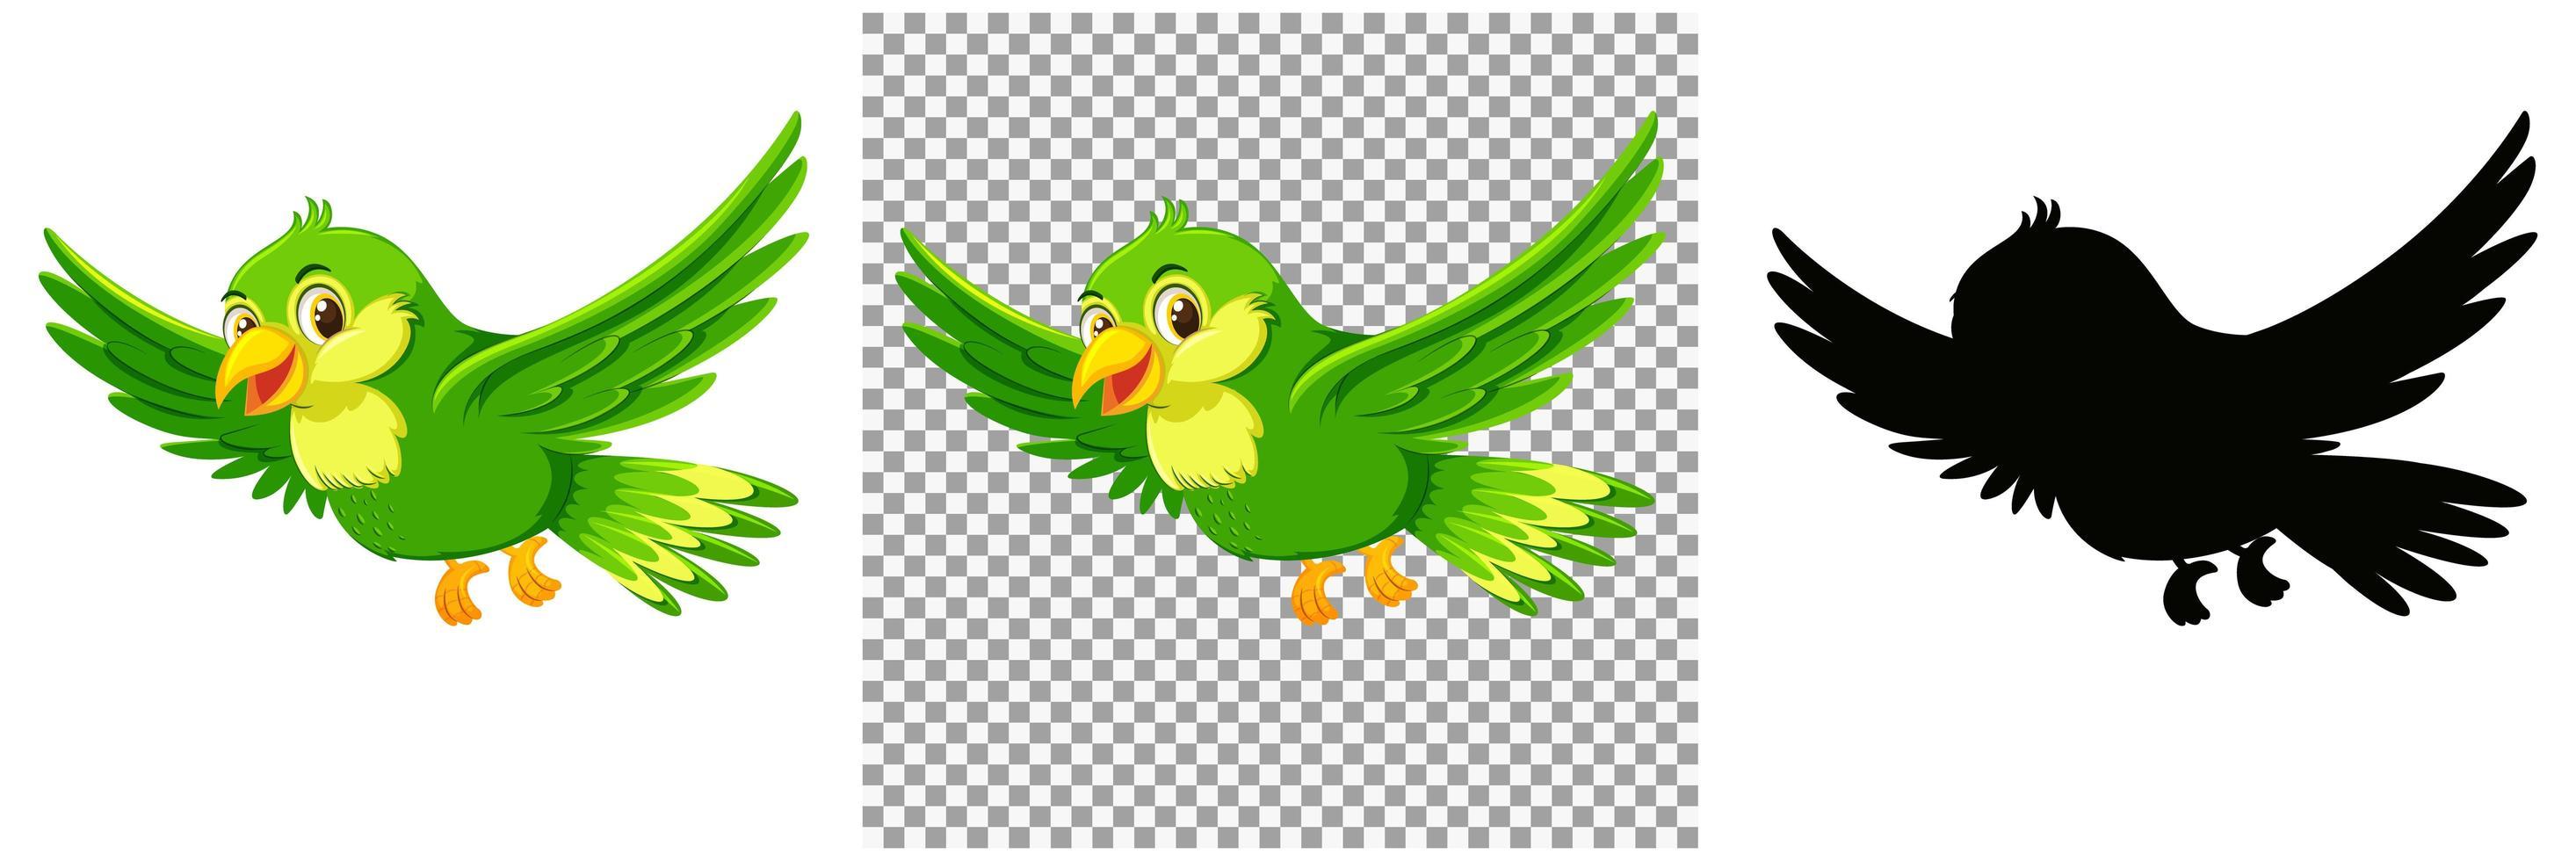 personnage de dessin animé oiseau vert vecteur